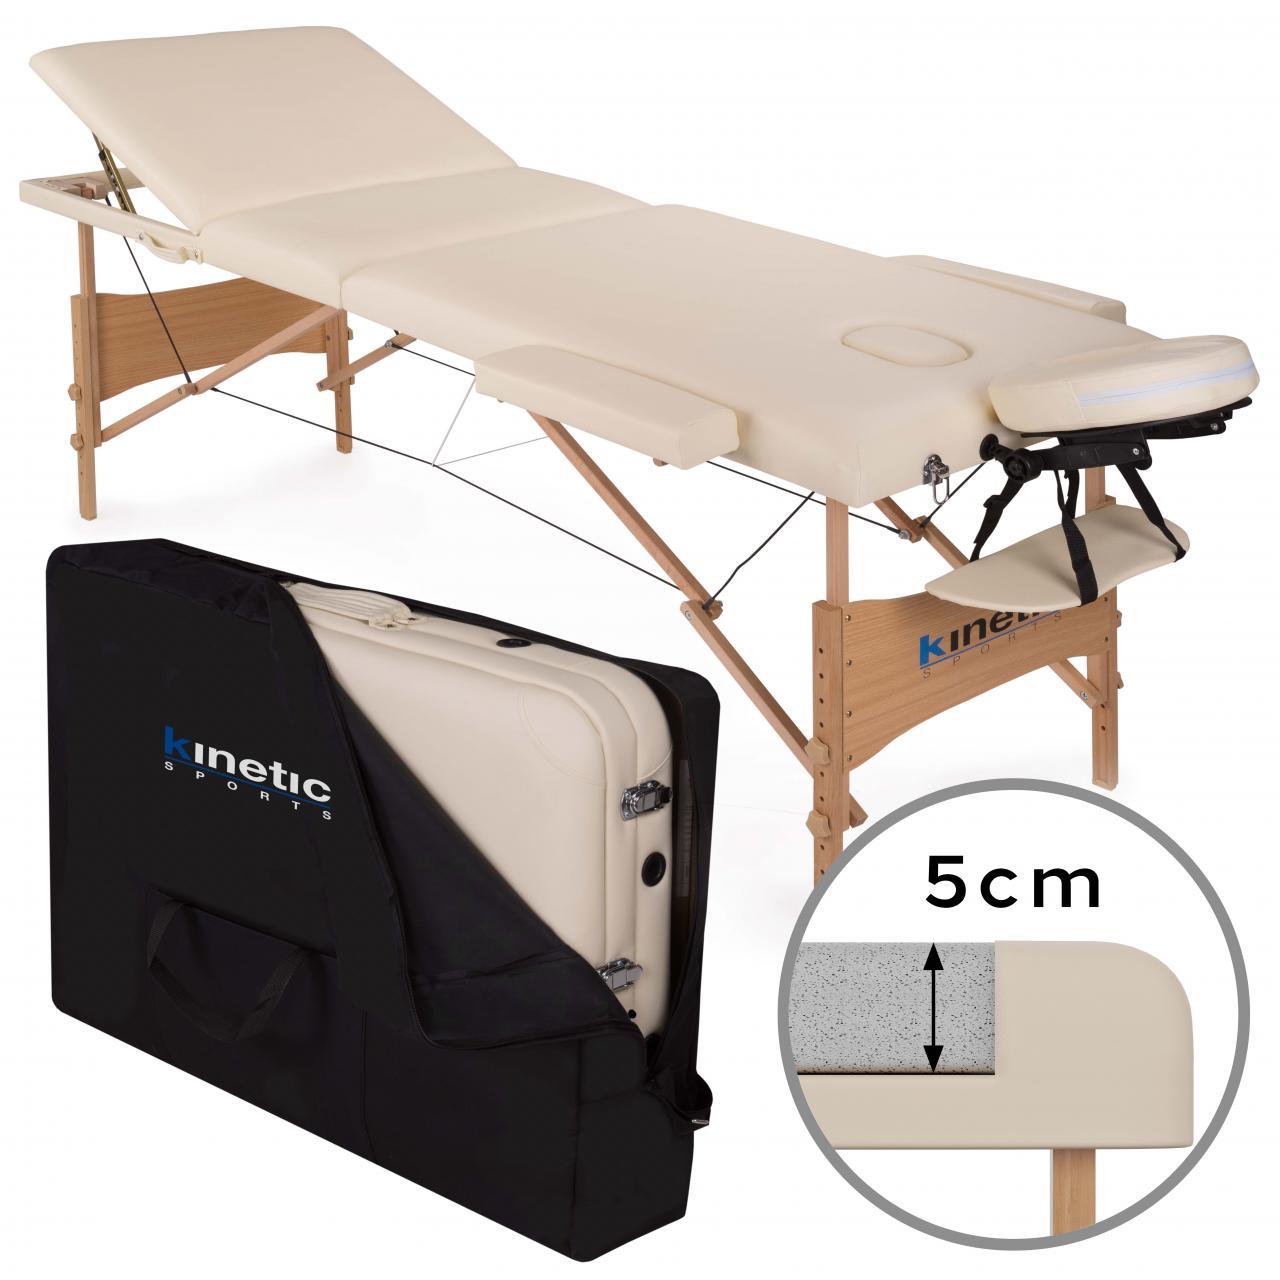 Lettino Massaggio 3 Zone Legno Lettini per Massaggi Pieghevole Portatile Borsone  eBay